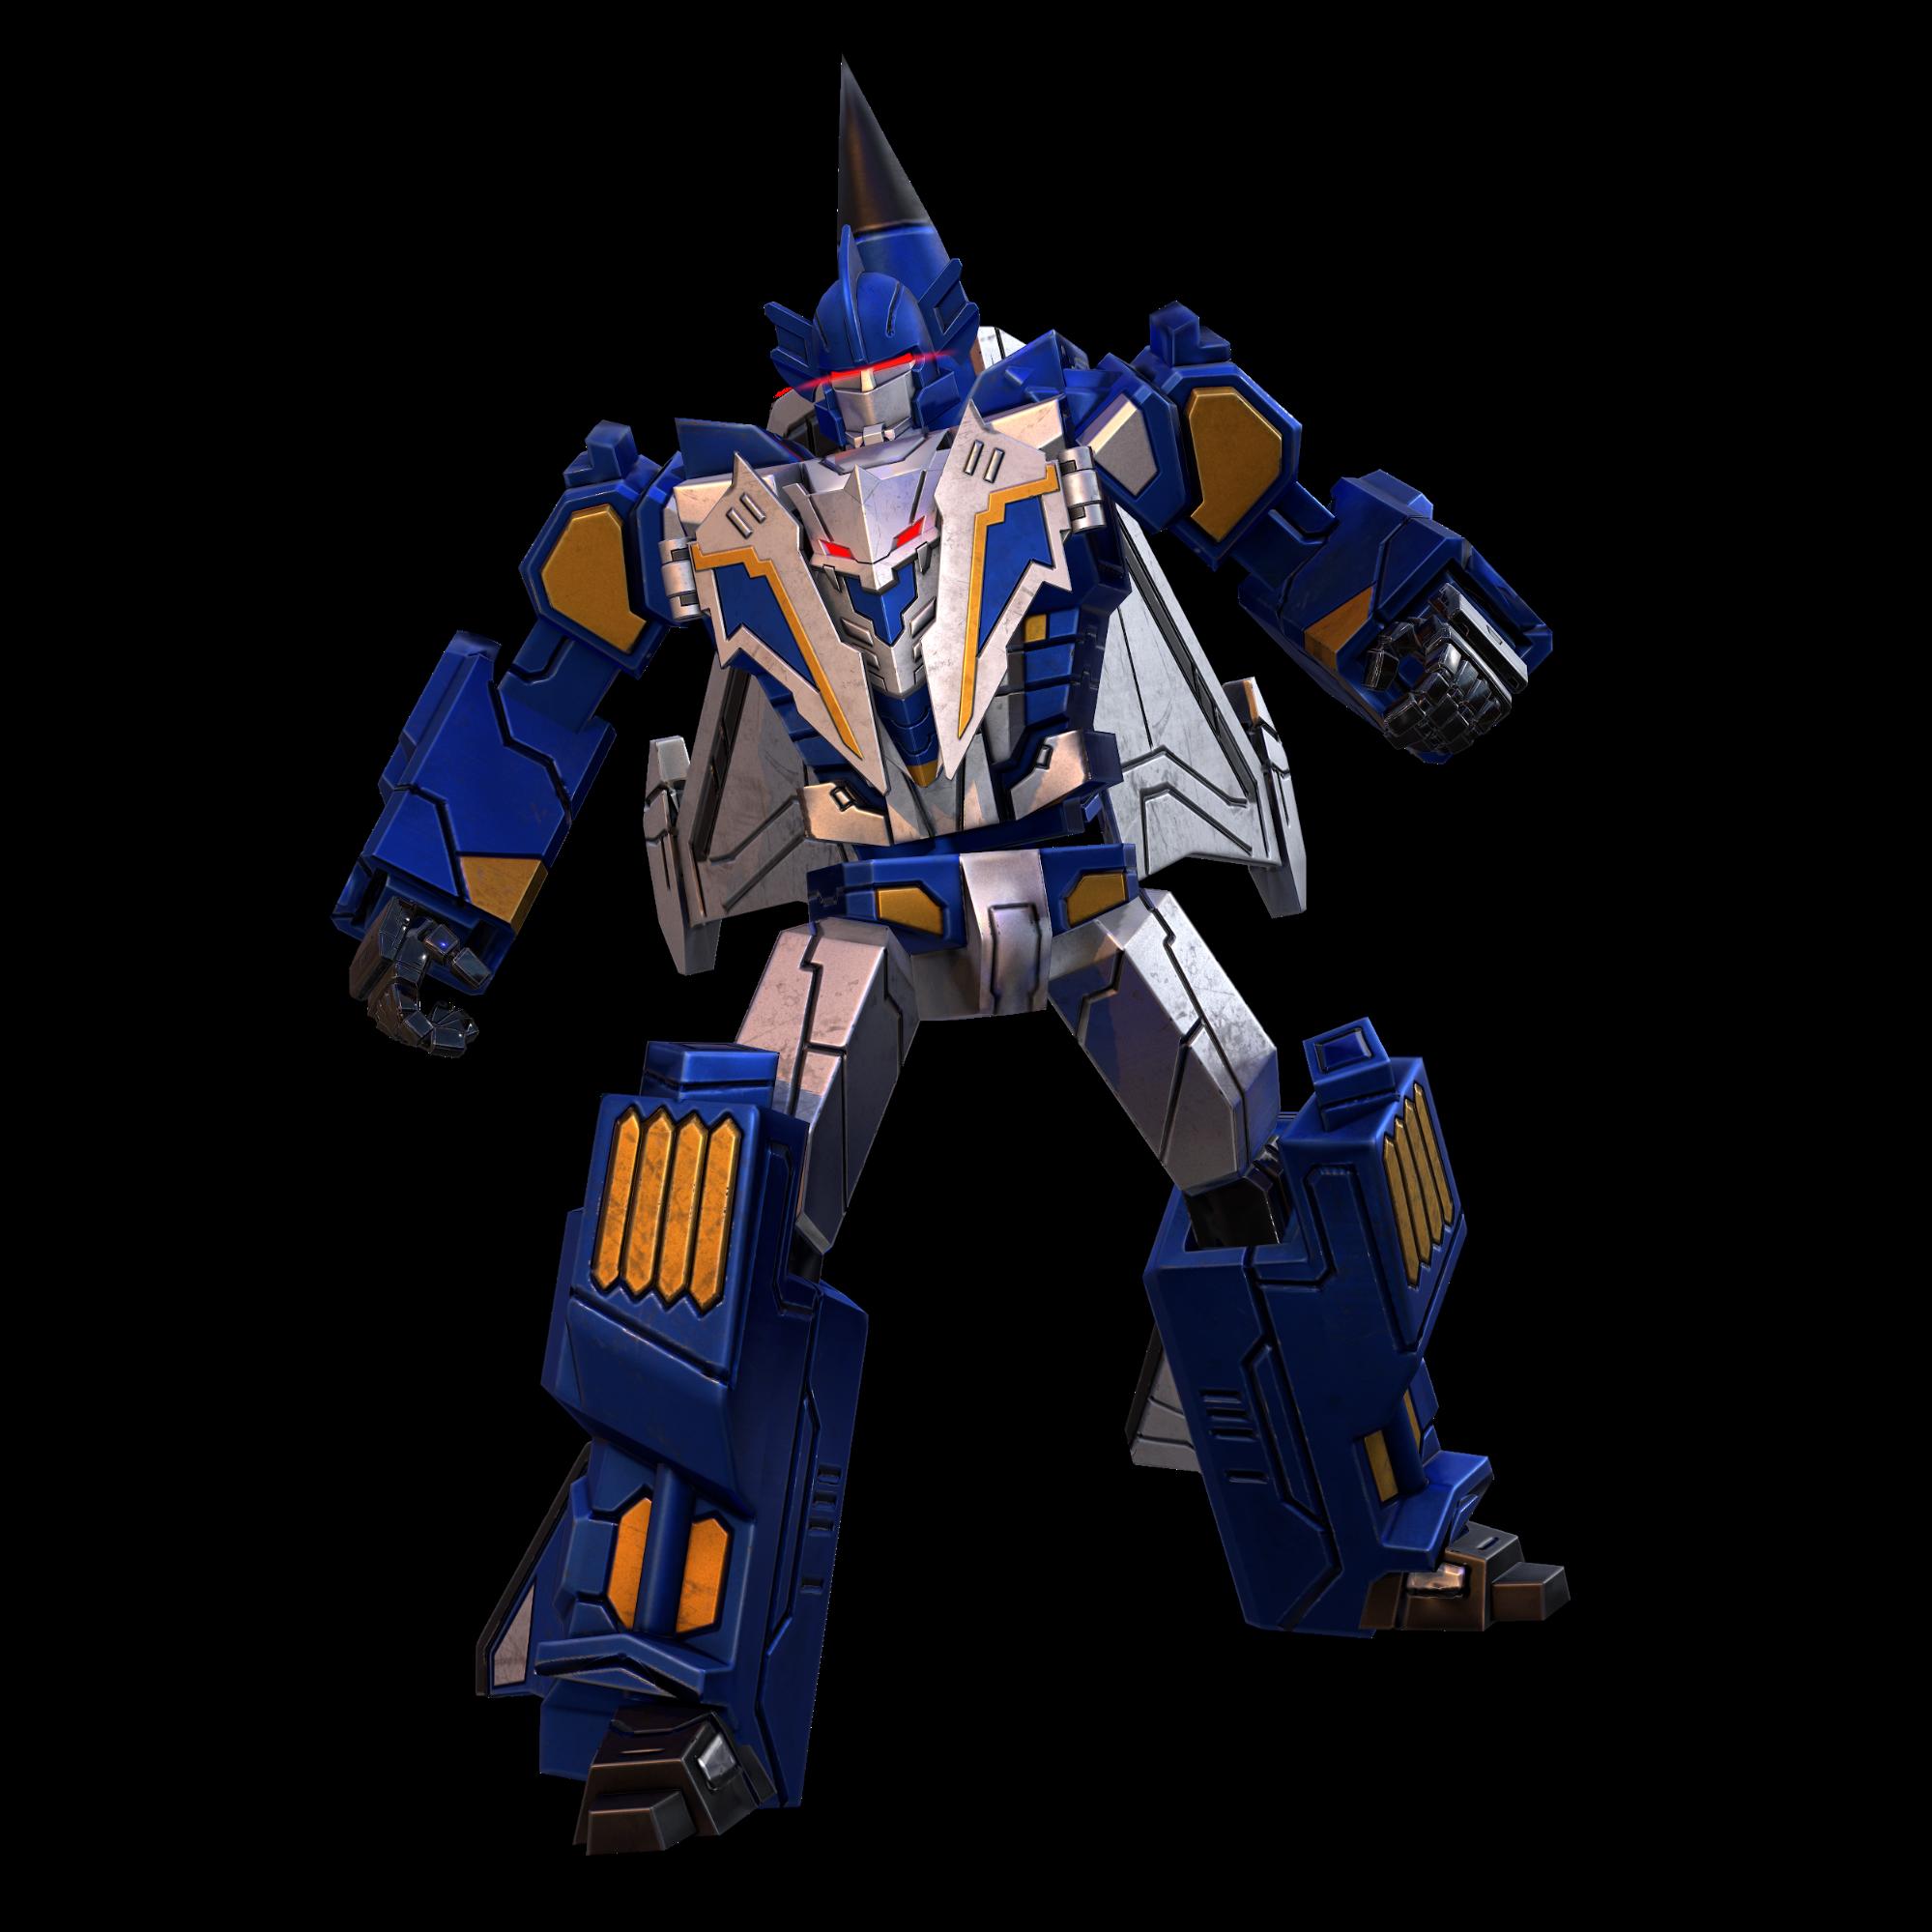 蓝蝙蝠机器人模式图片